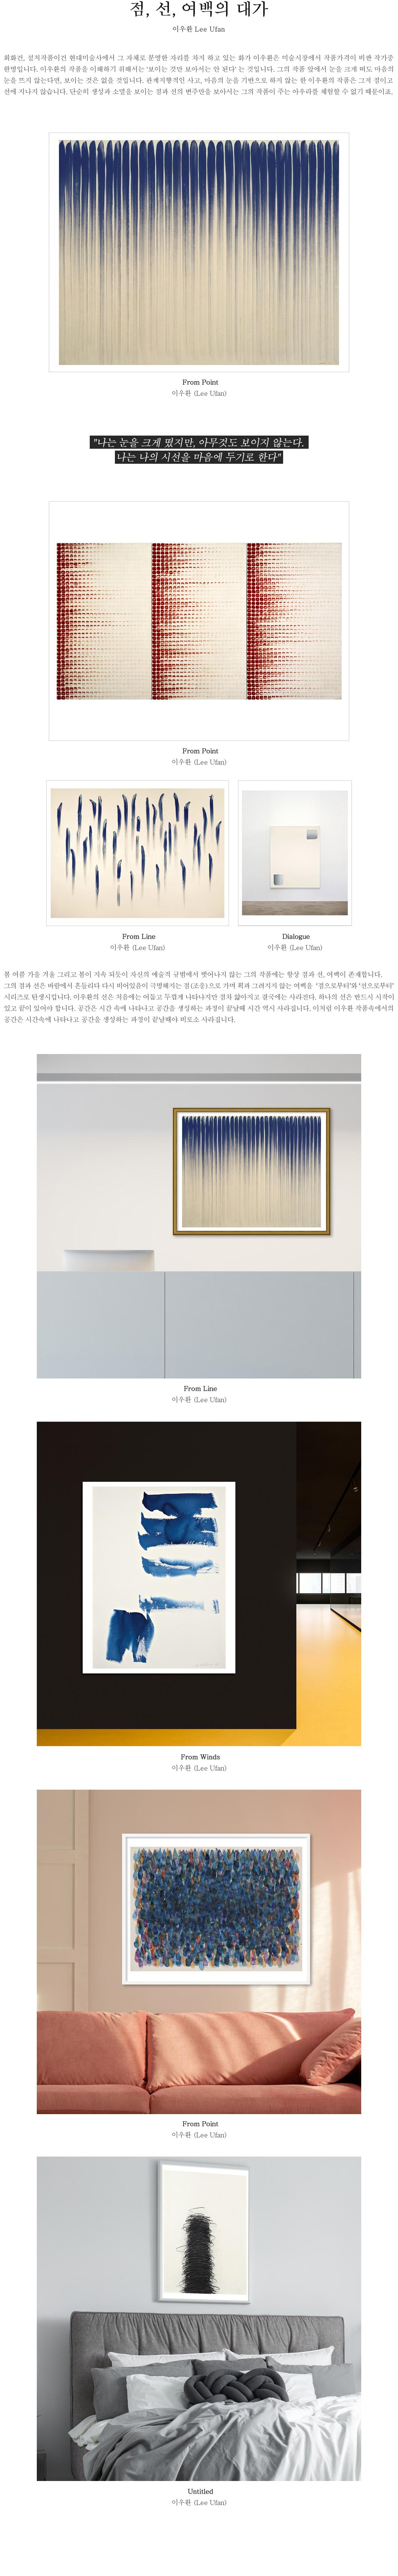 점 선 여백의 예술 이우환작가의 추상화작품으로 꾸민 인테리어공간 인테리어그림 인테리어액자